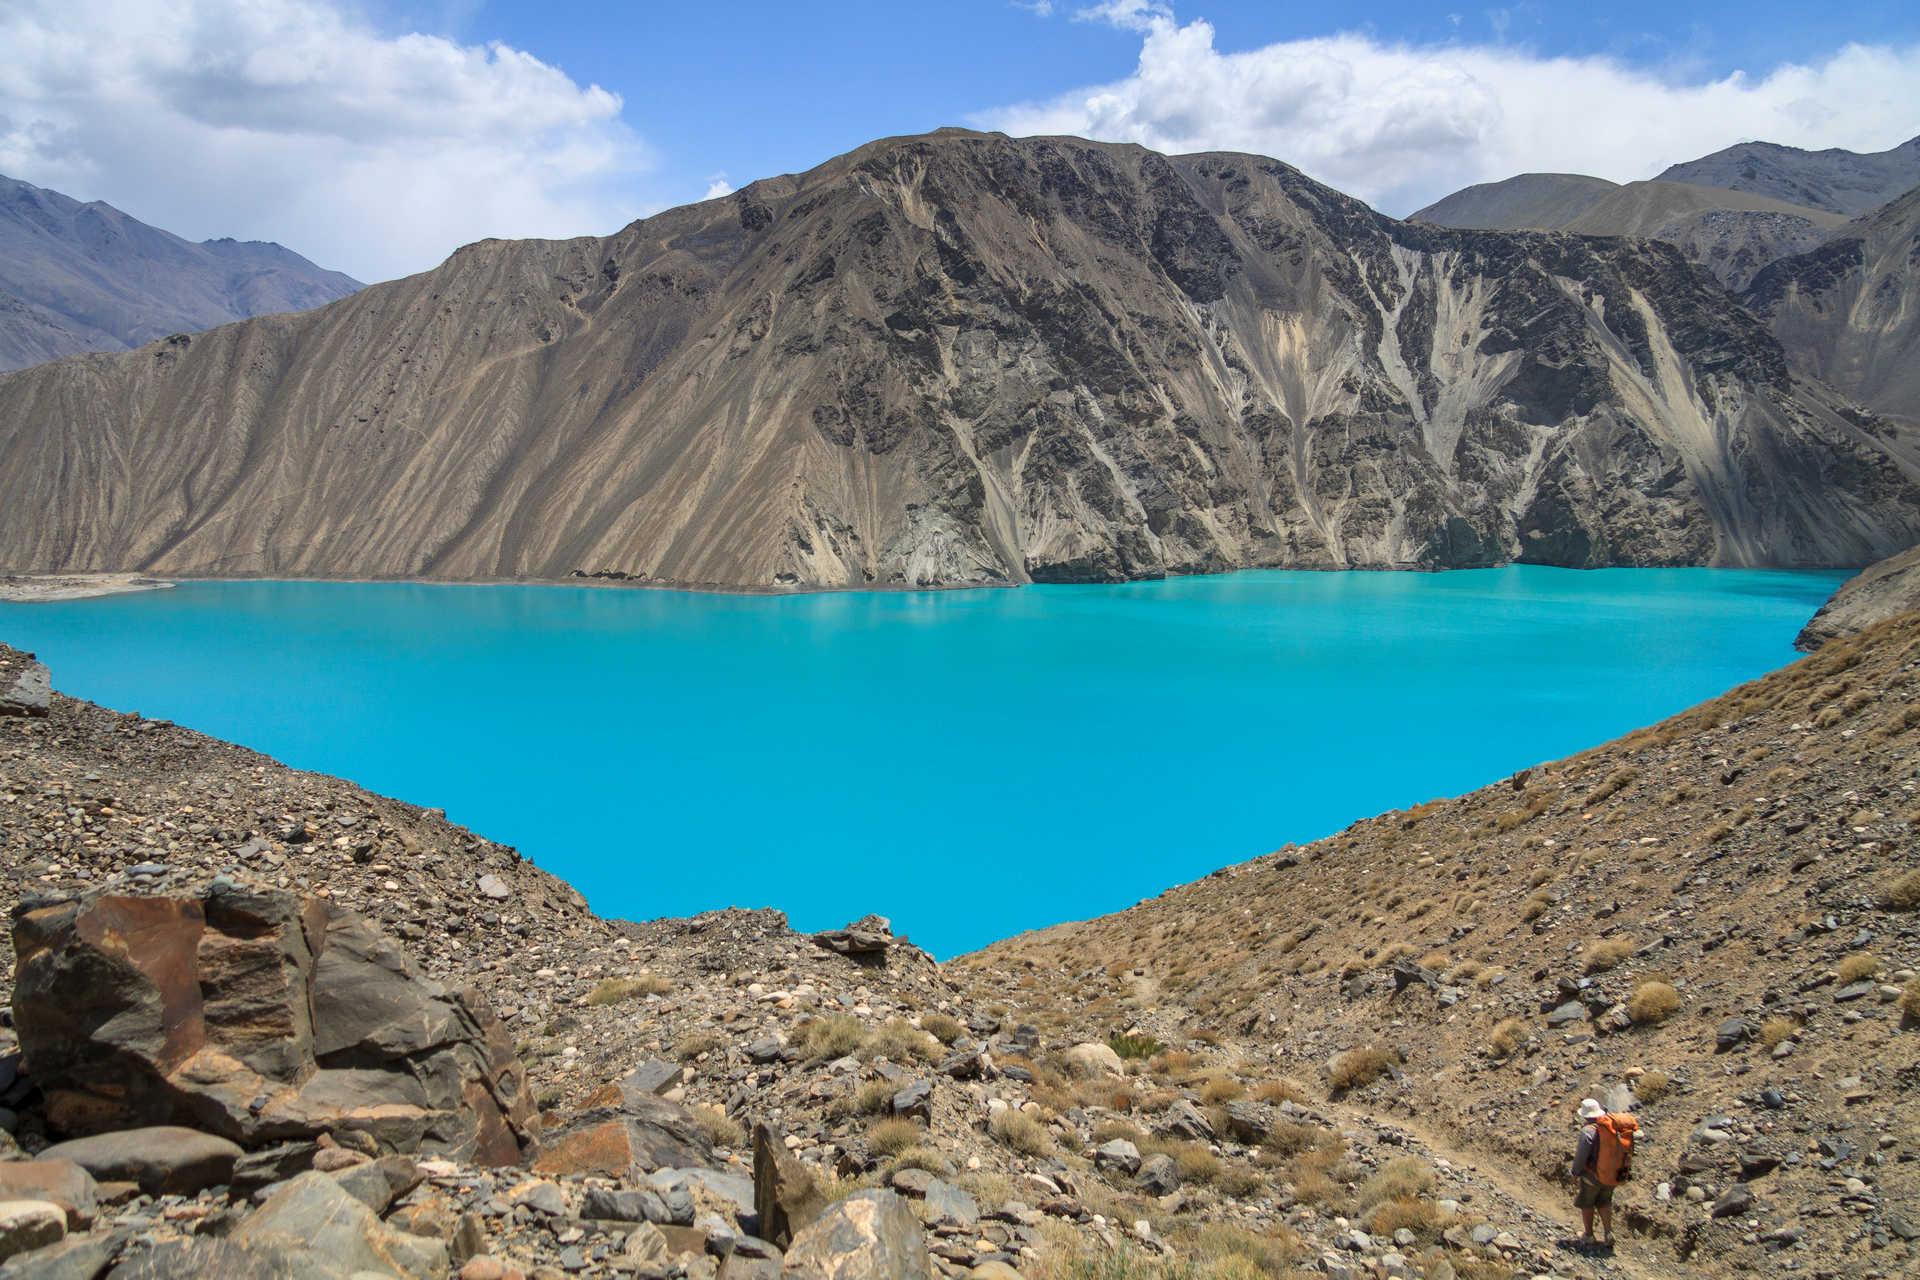 Памир во всей красе: поход к озеру Сарез